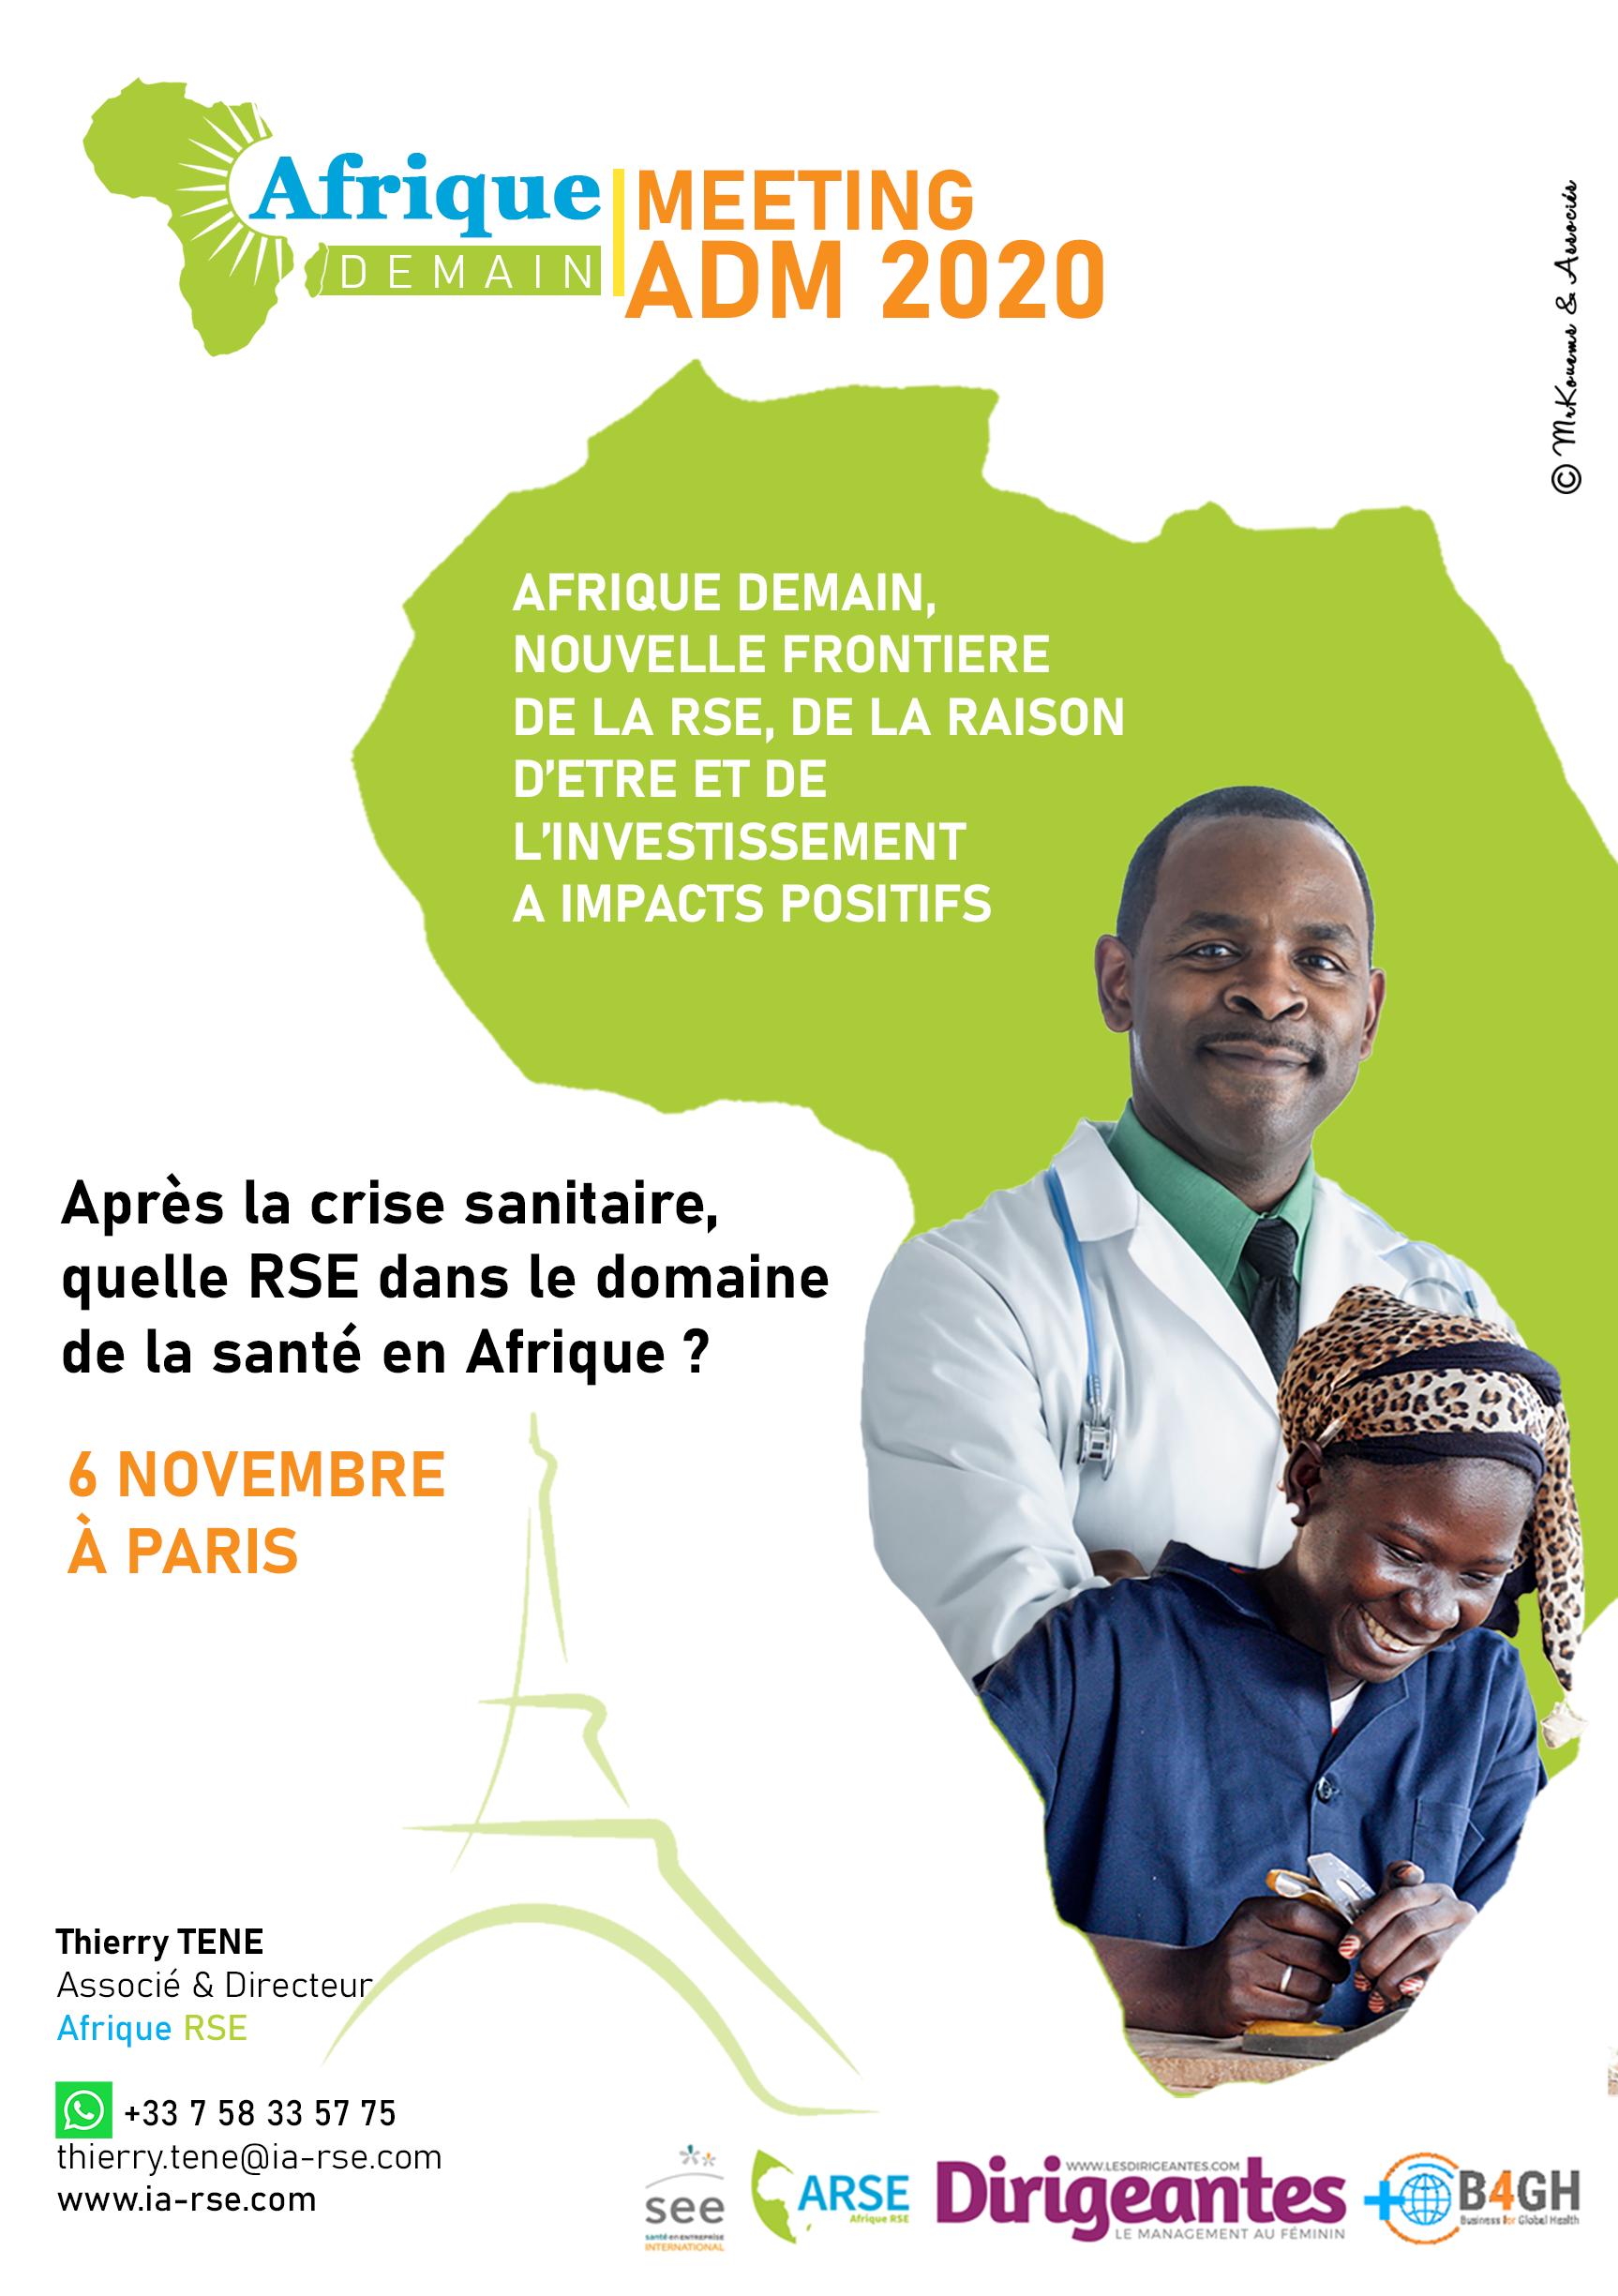 Forum virtuel du 6 novembre sur la RSE dans le domaine de la santé en Afrique : Programme et inscription